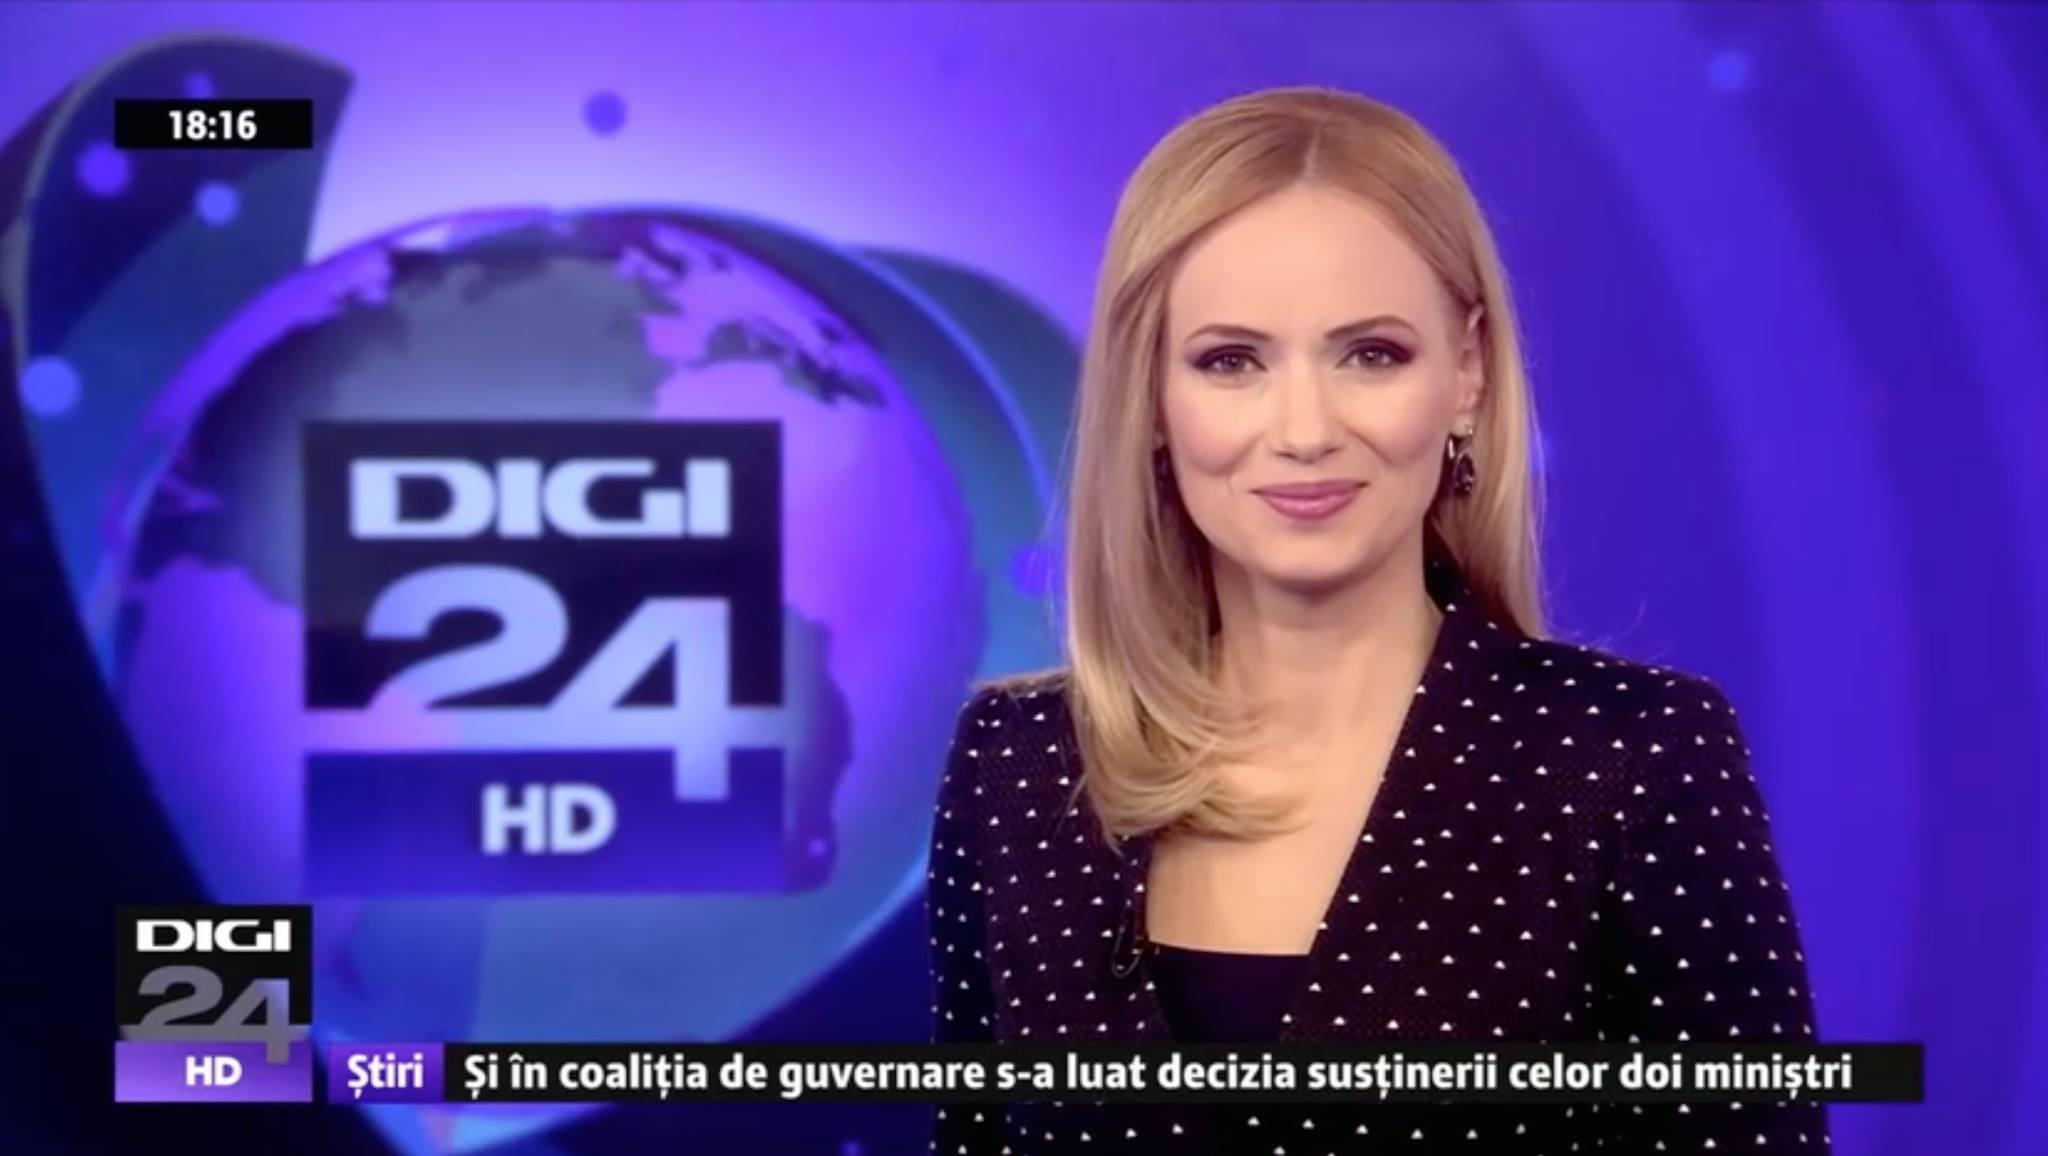 liana alexandru si-a dat demisisa de la digi 24